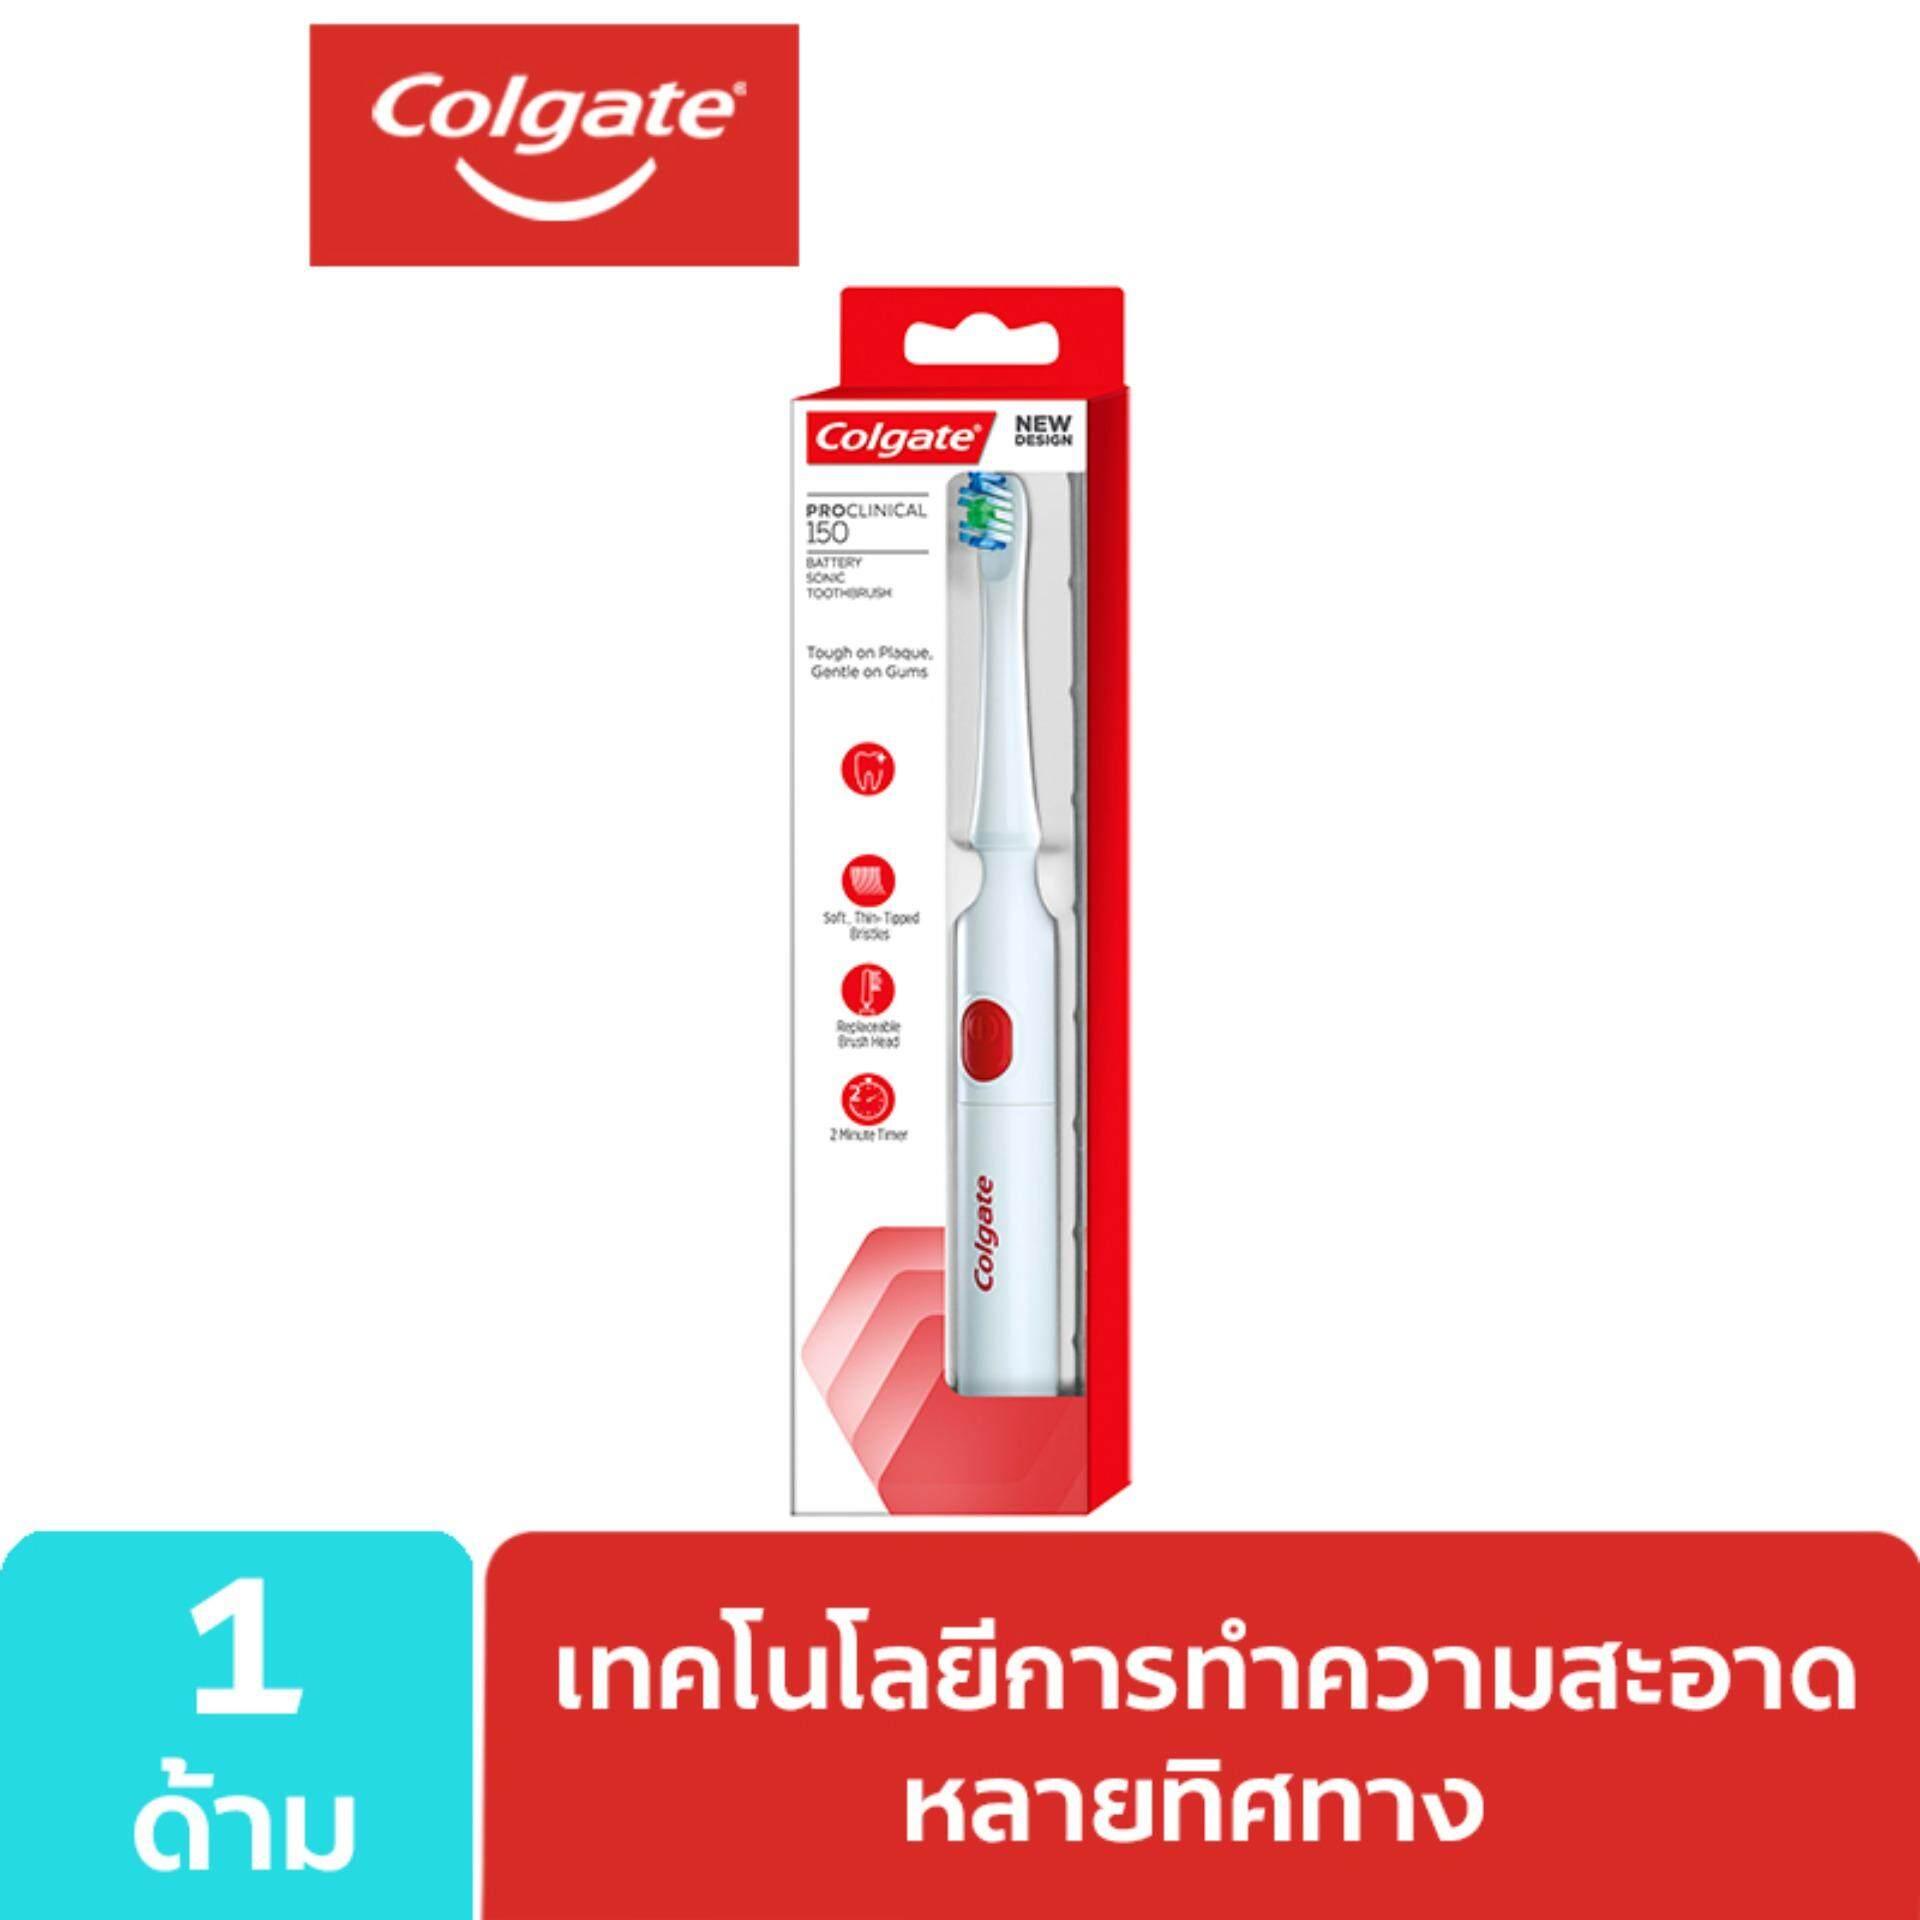 แปรงสีฟันไฟฟ้าเพื่อรอยยิ้มขาวสดใส สุราษฎร์ธานี แปรงสีฟันไฟฟ้า คอลเกต โปรคลินิคอล 150 แพ็ค 1  Colgate ProClinical 150 Powered Toothbrush Pack 1